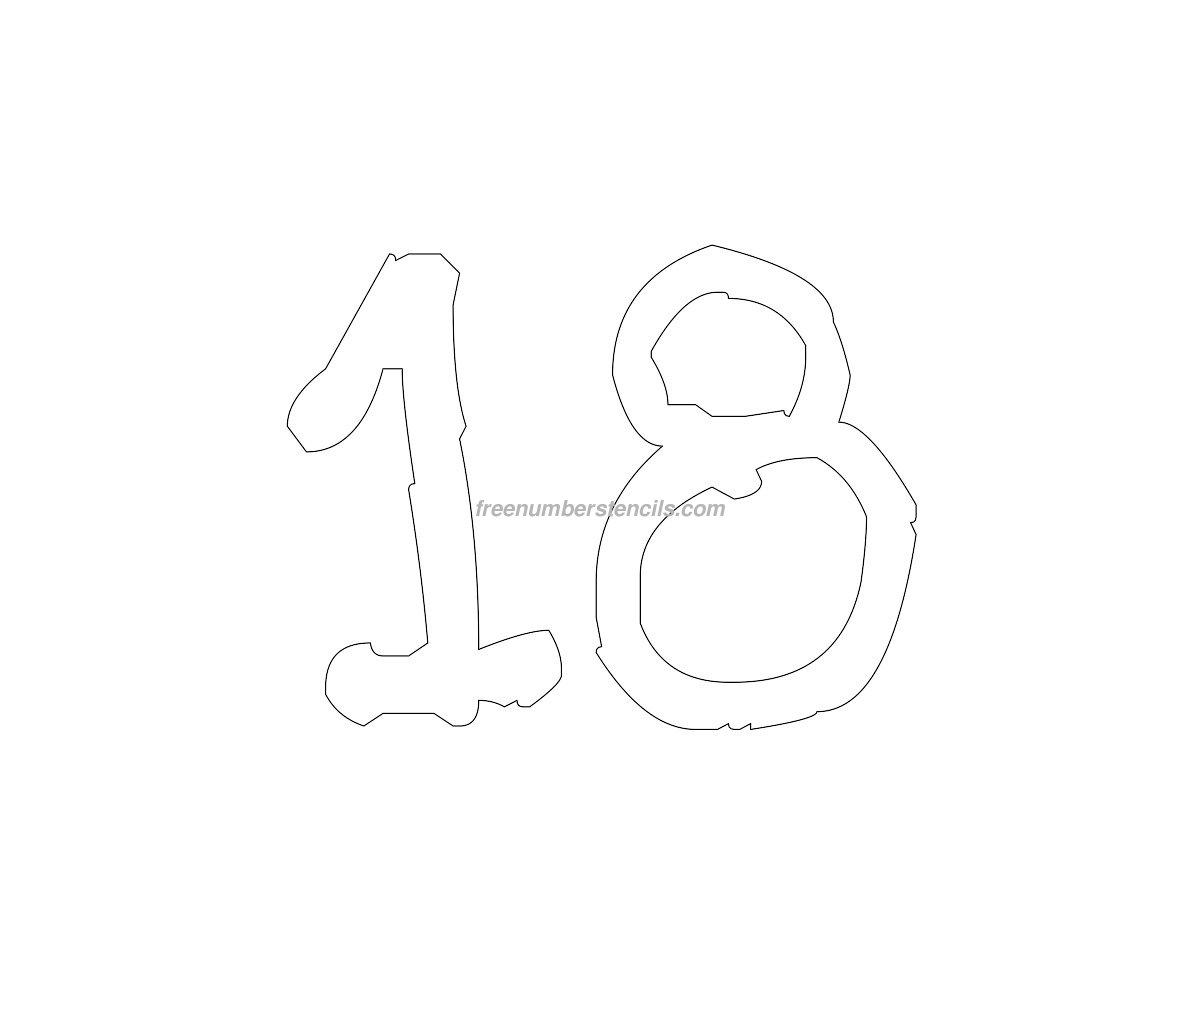 Free Rustic 18 Number Stencil - Freenumberstencils.com